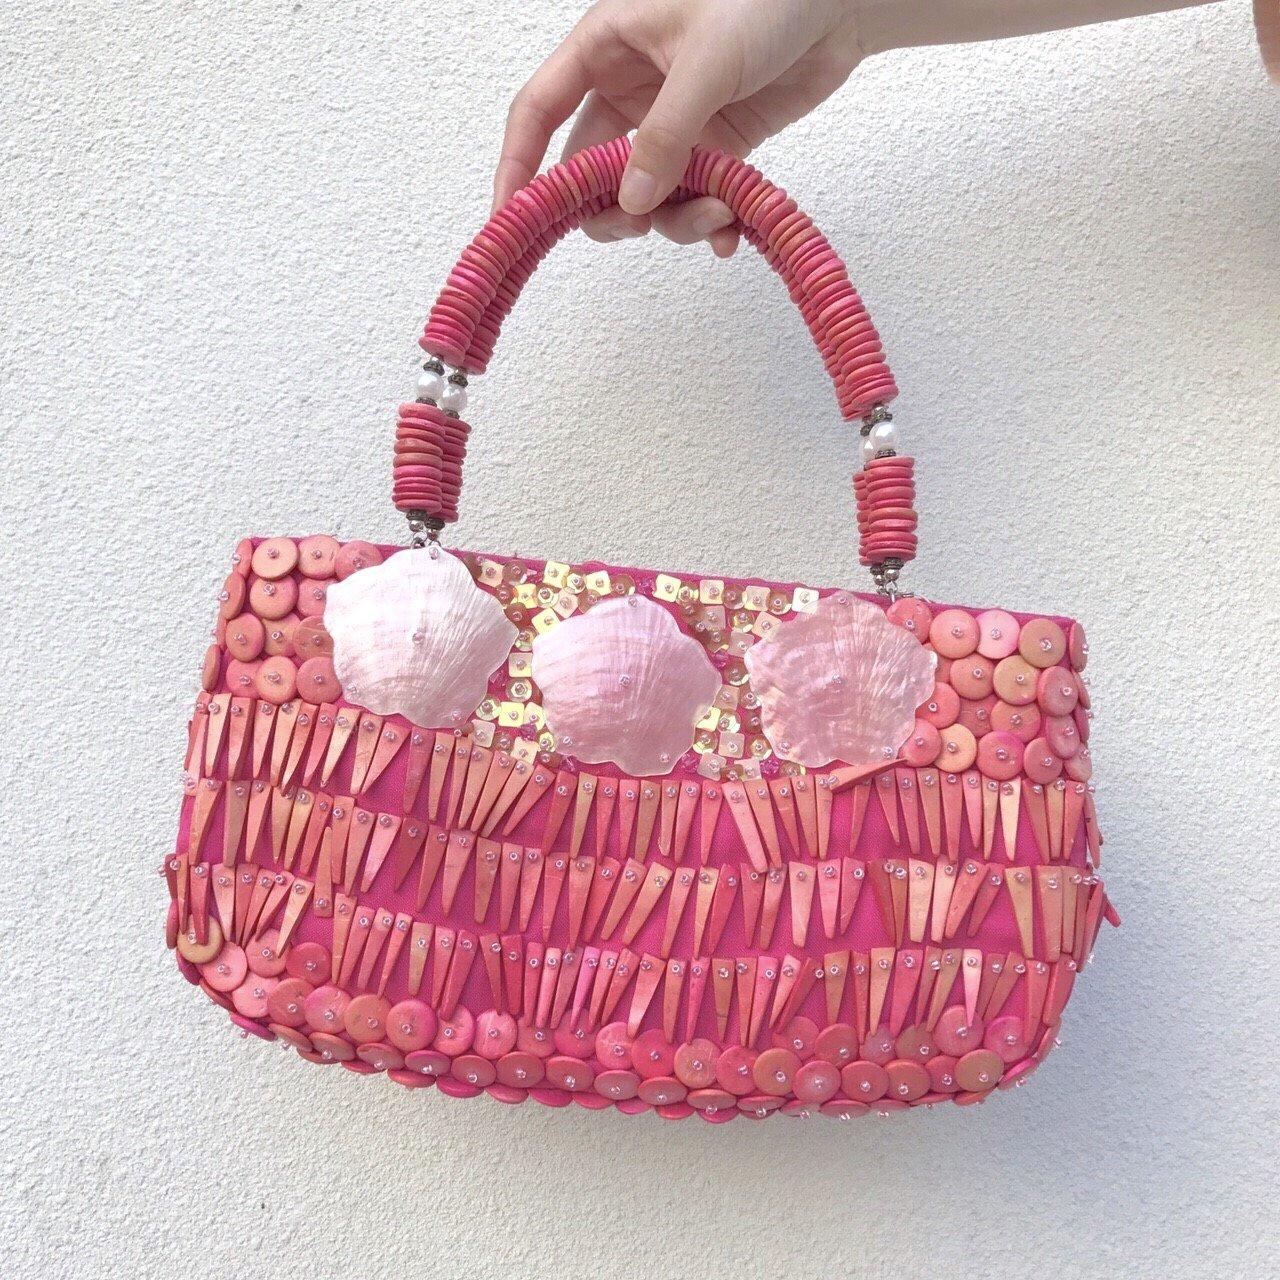 pink shell SA KU RA bag